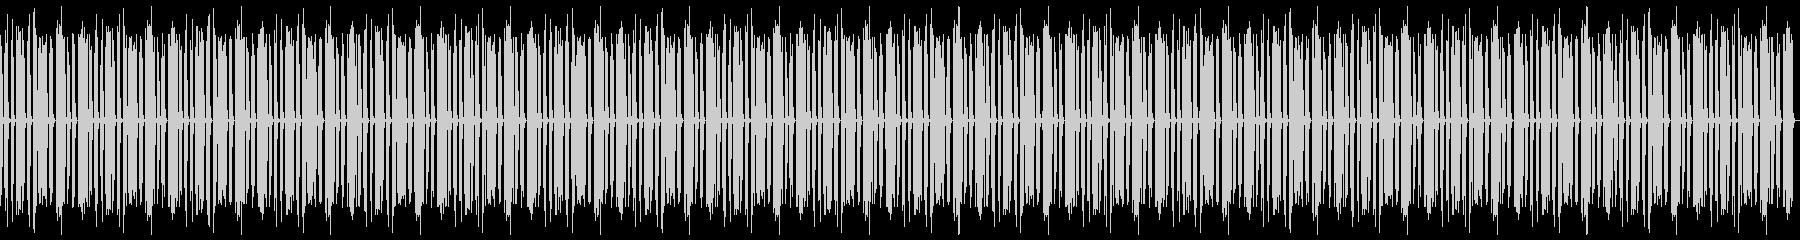 知育・家族・パズル・日常ピアノ53Lの未再生の波形